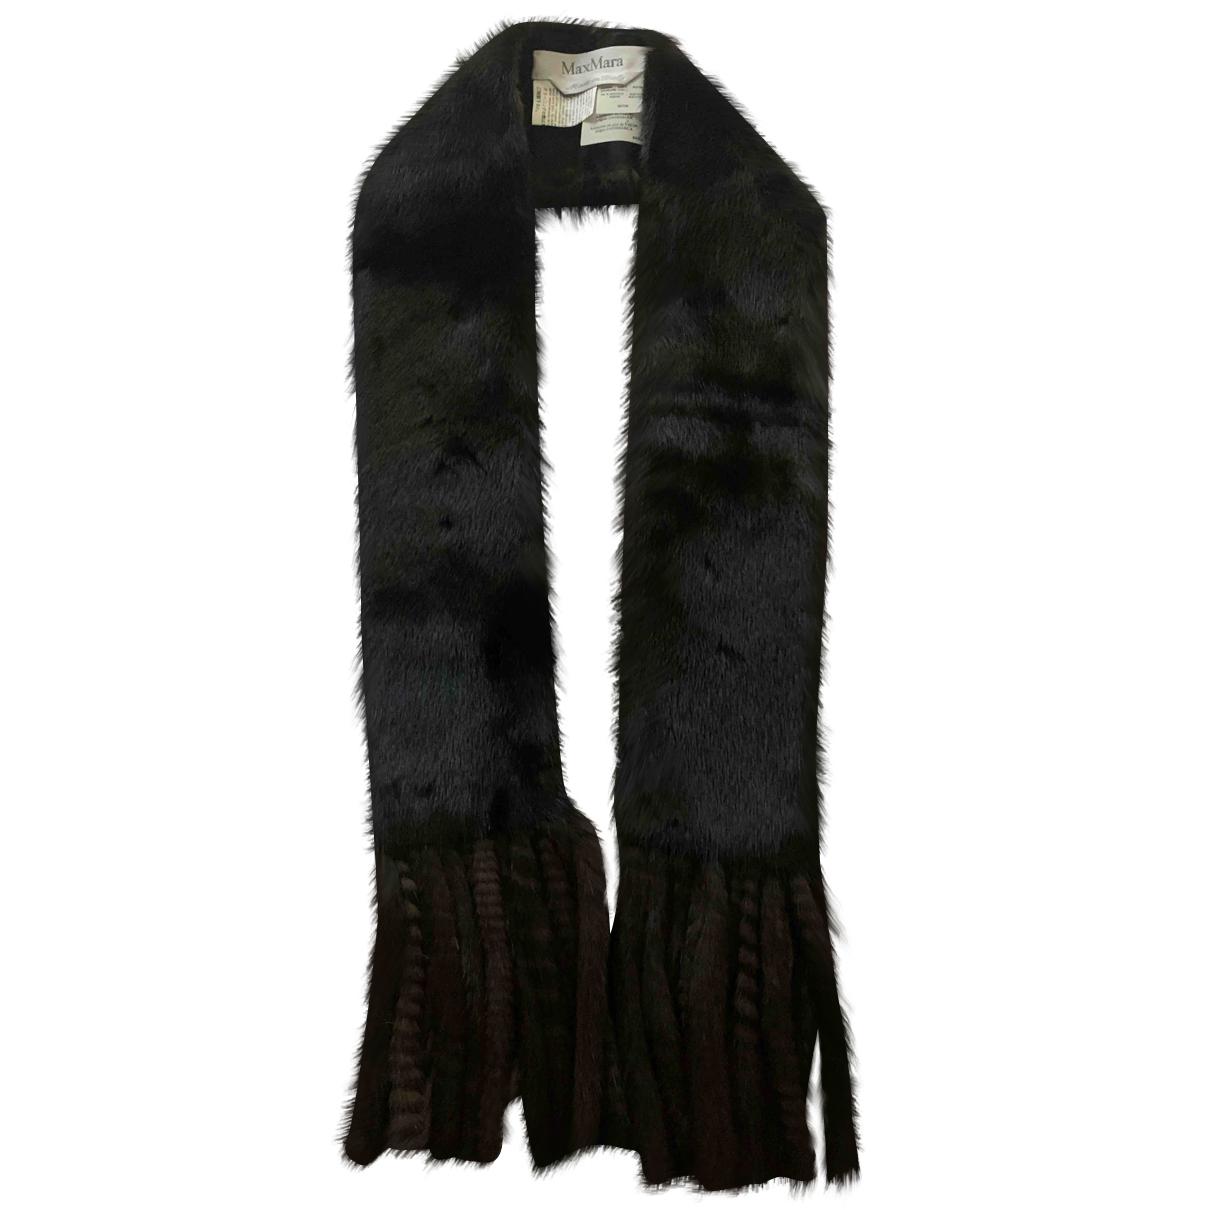 Max Mara N Brown Mink scarf for Women N